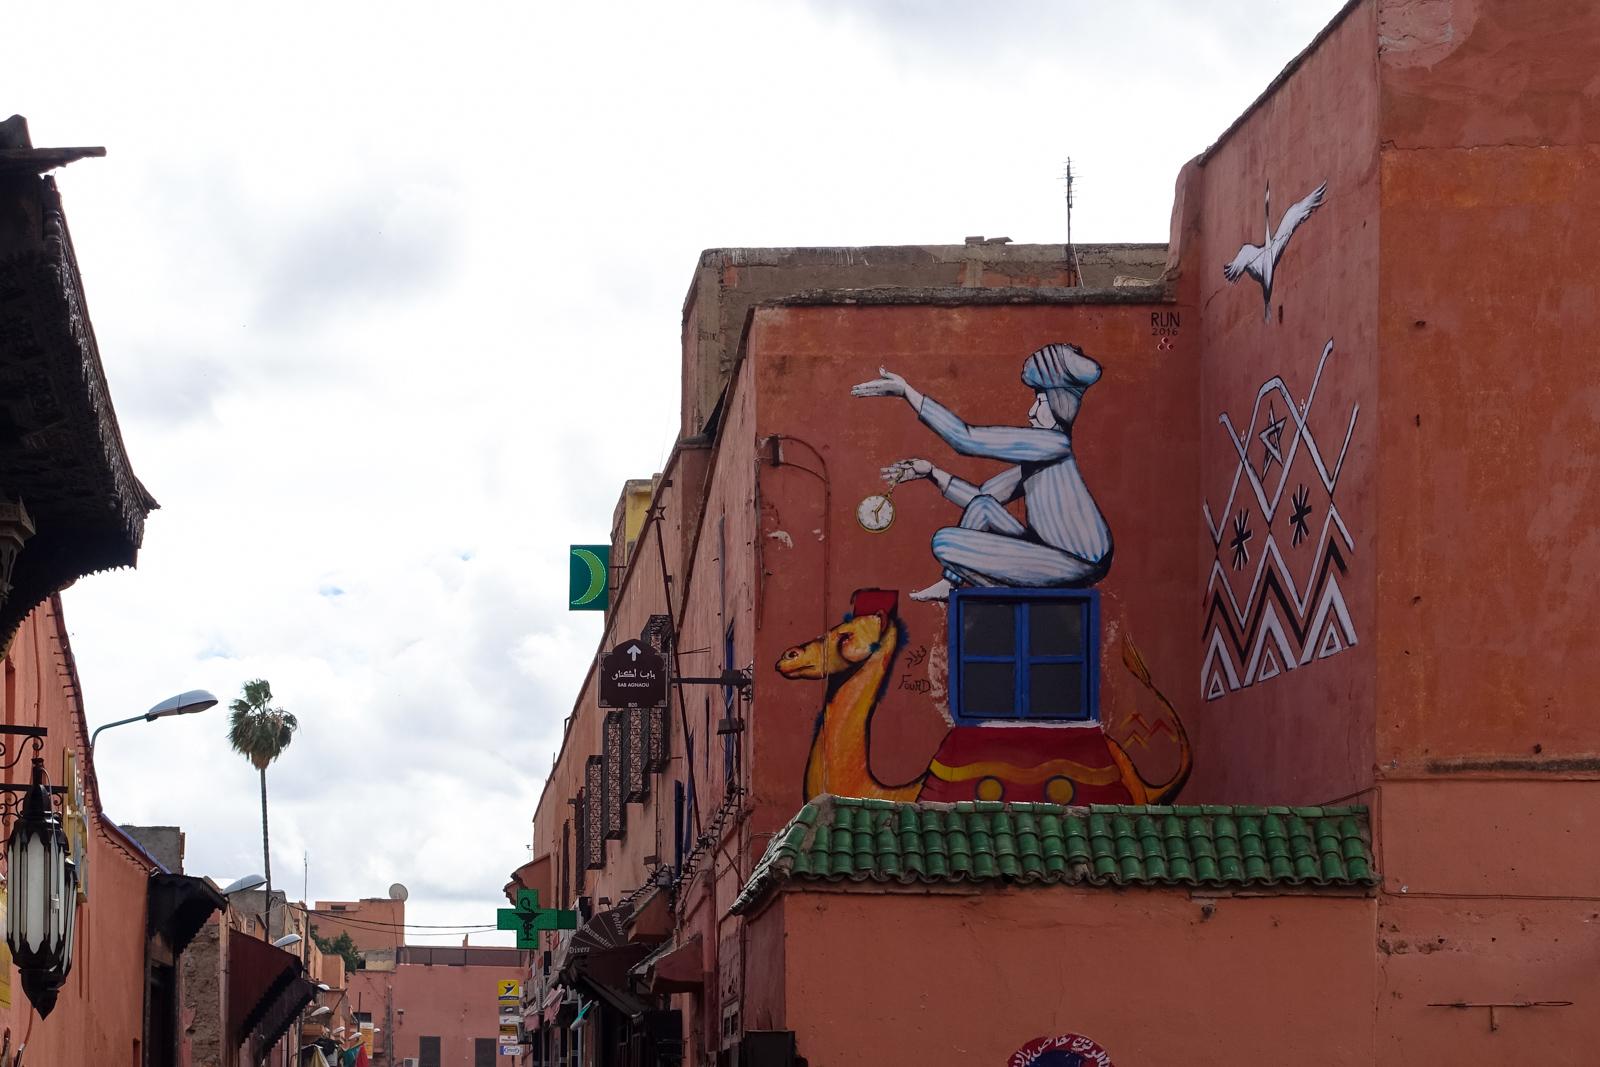 giacomo bufarini RUN murals für das mb6 streetart festival, marrakesch